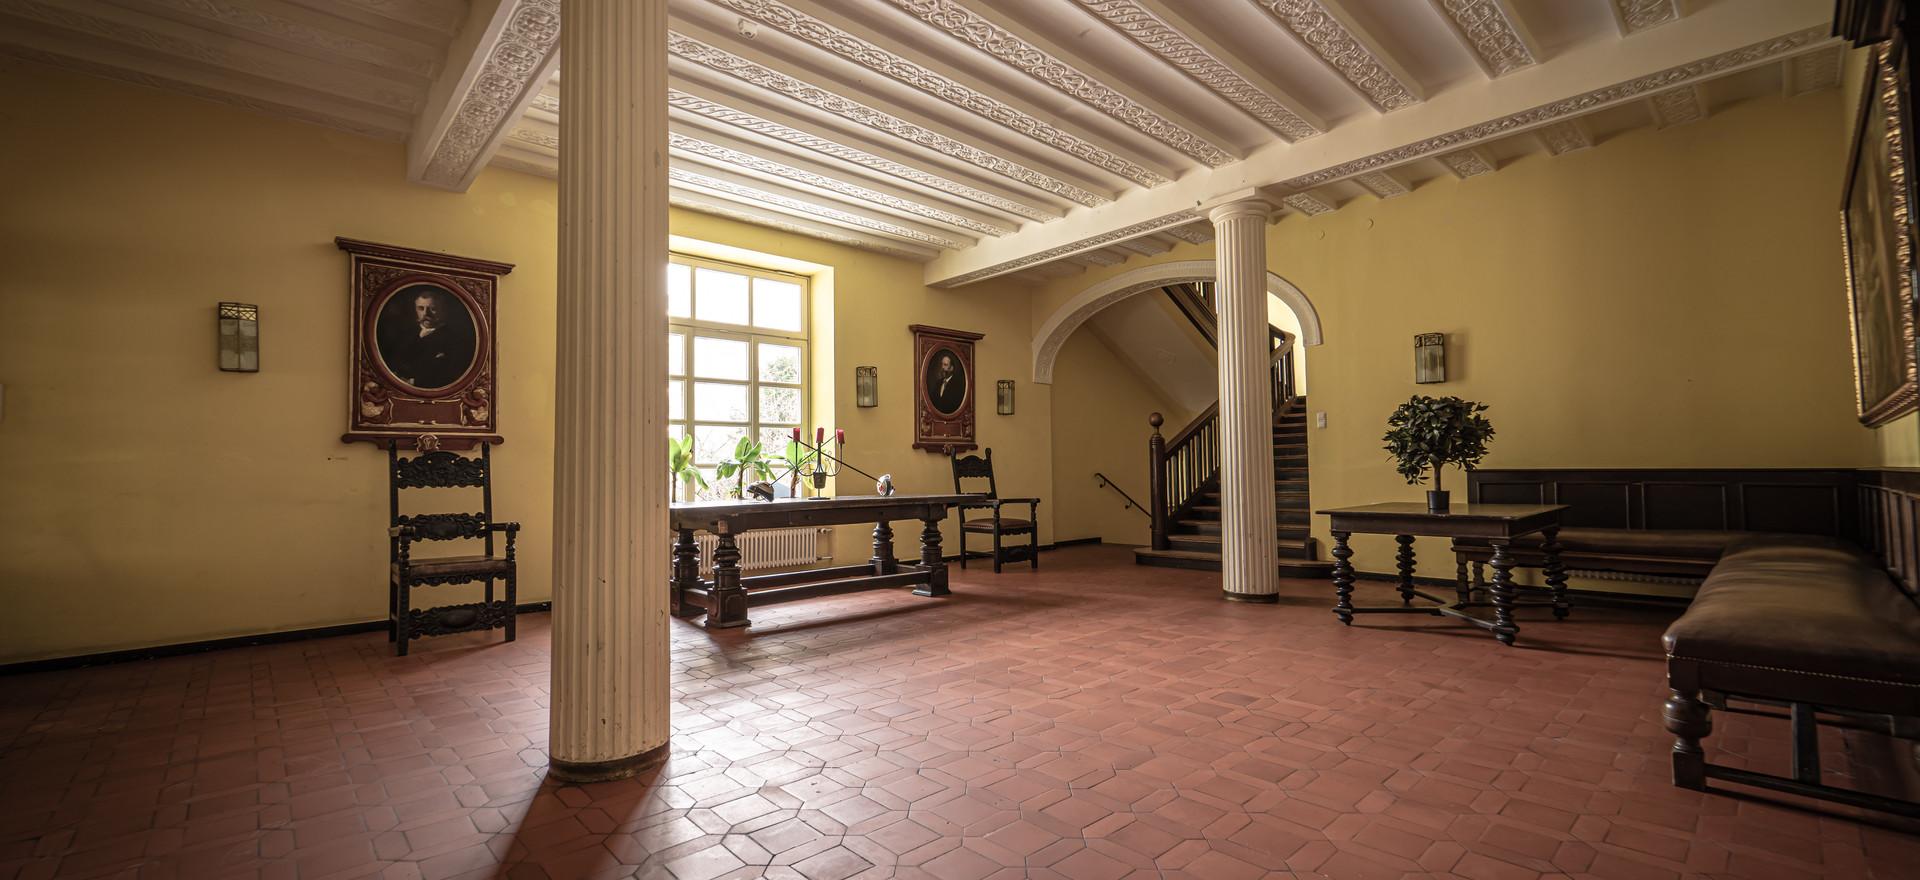 Unsere Eingangshalle